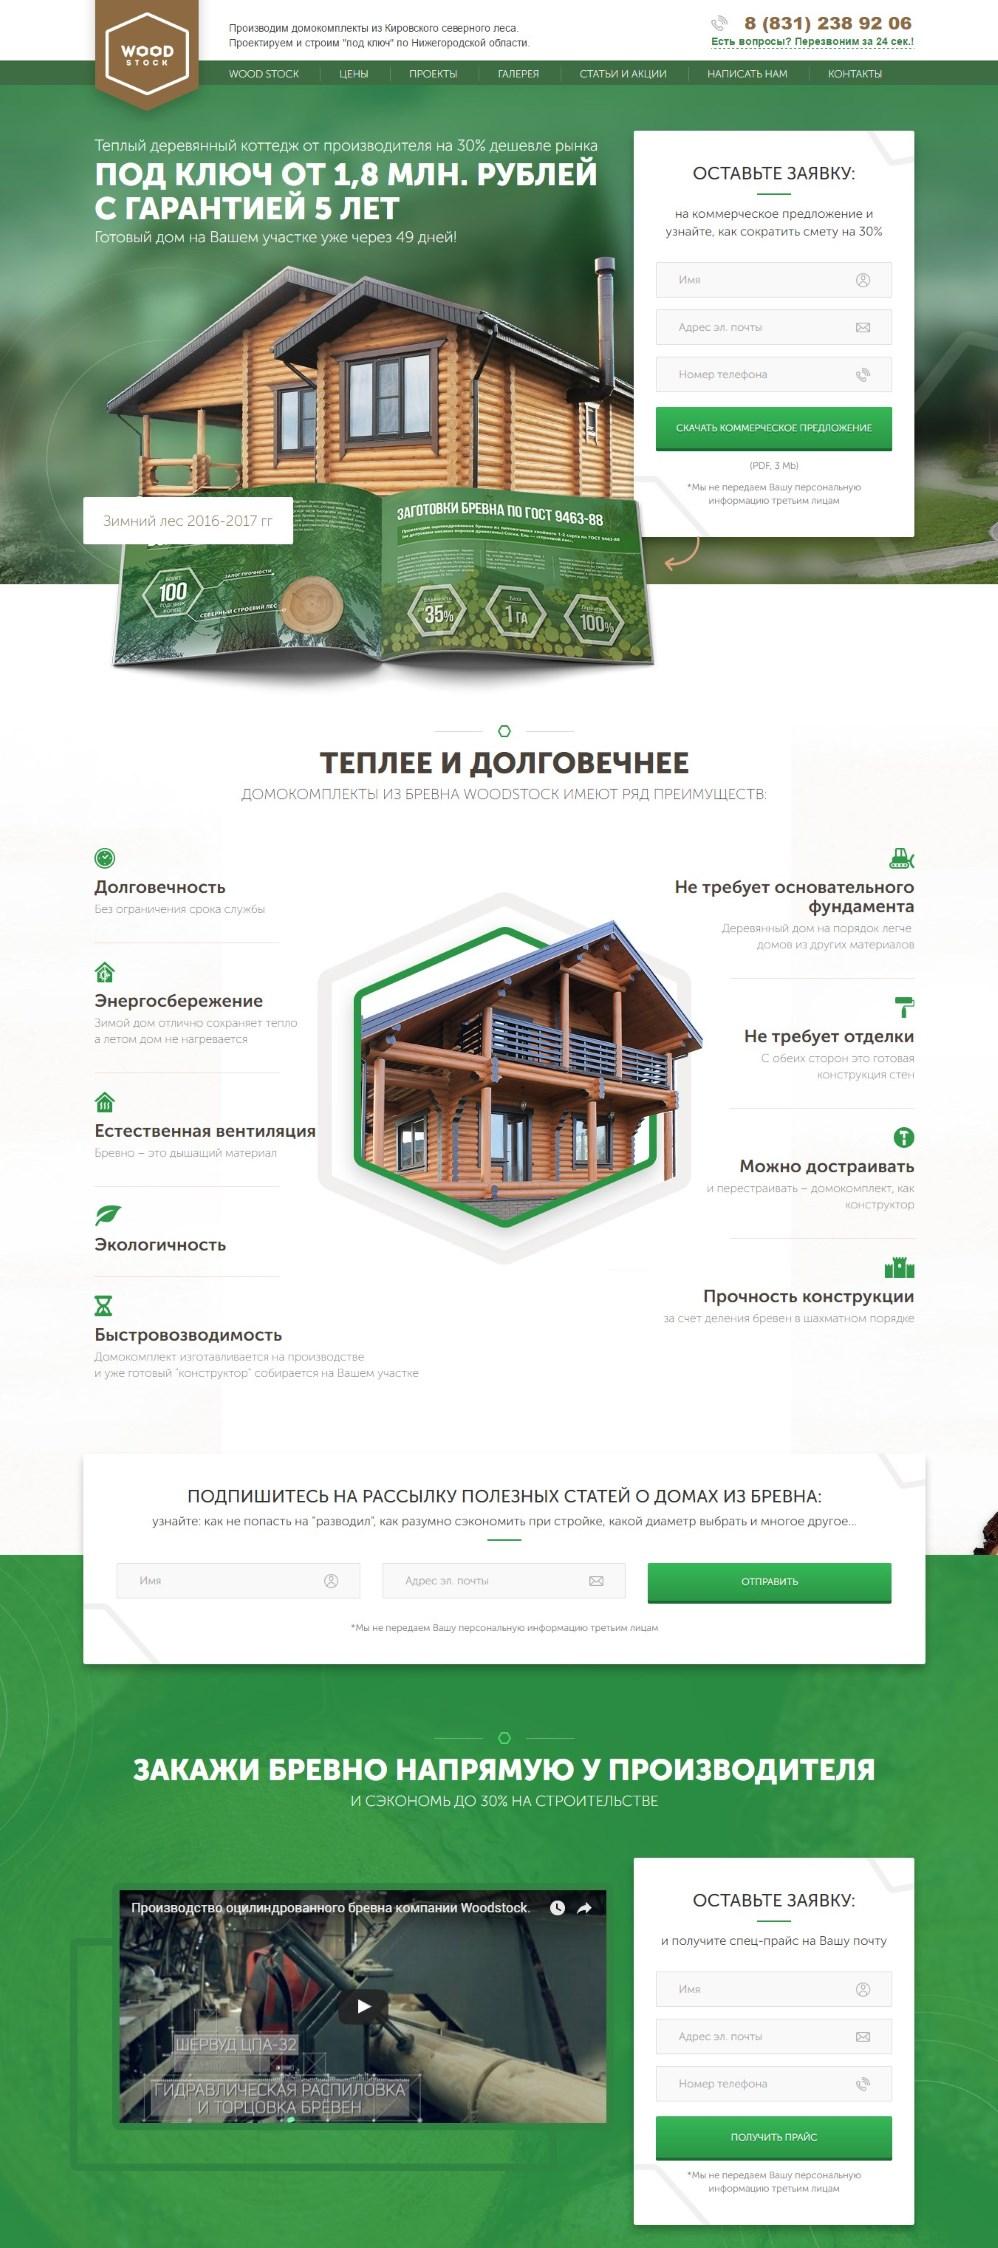 Сайт-каталог для теплых деревянных коттеджей от производителя